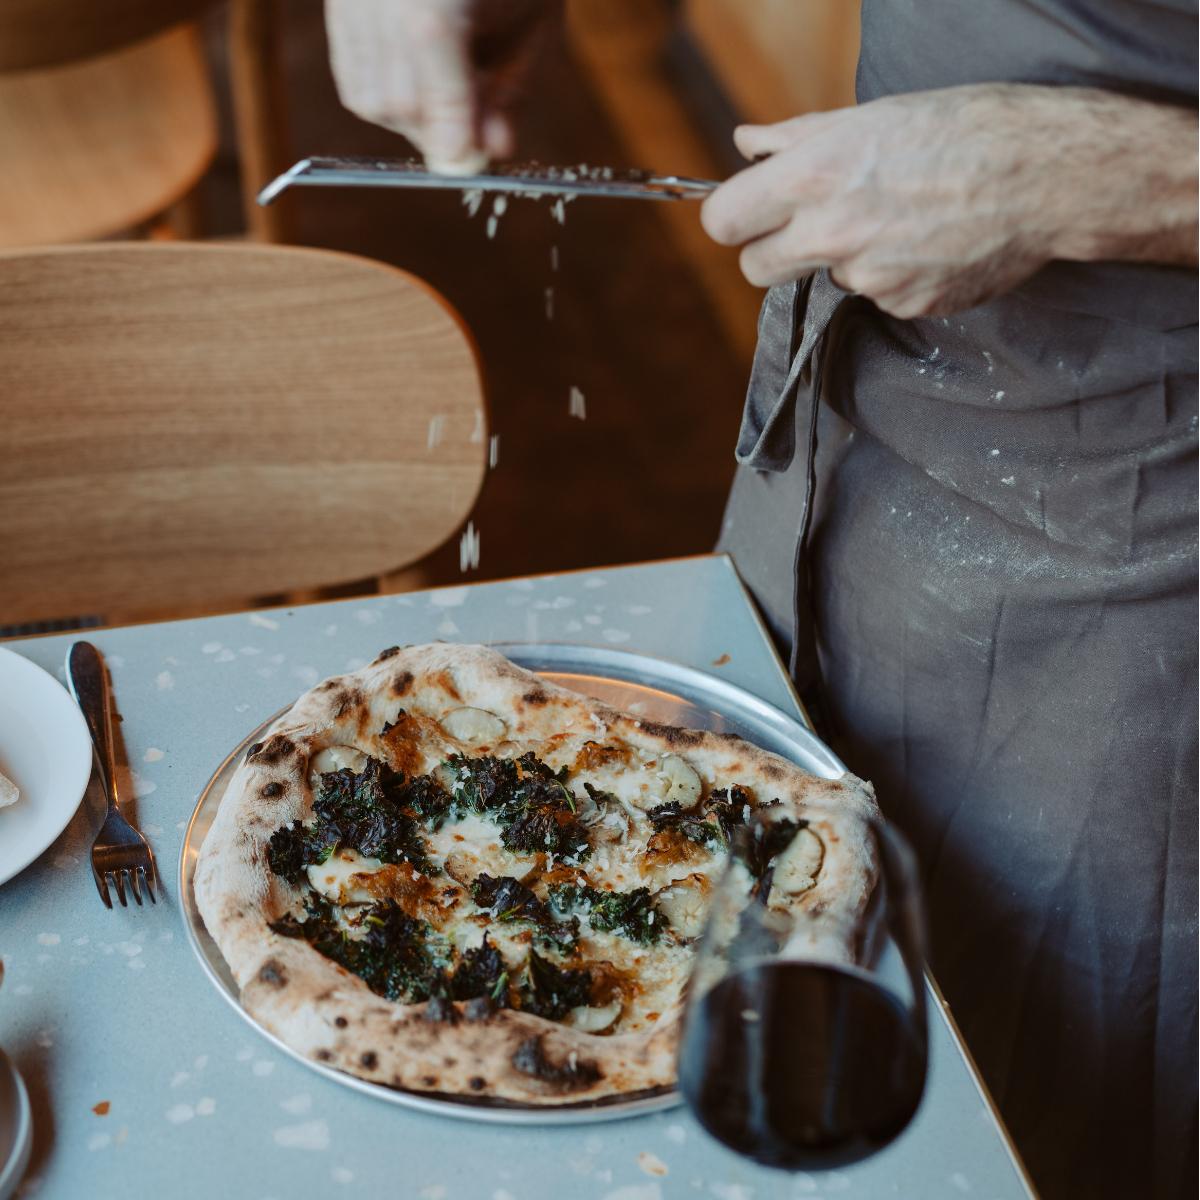 Estelle Dining Prenzlauer Berg Pizza Parmesan